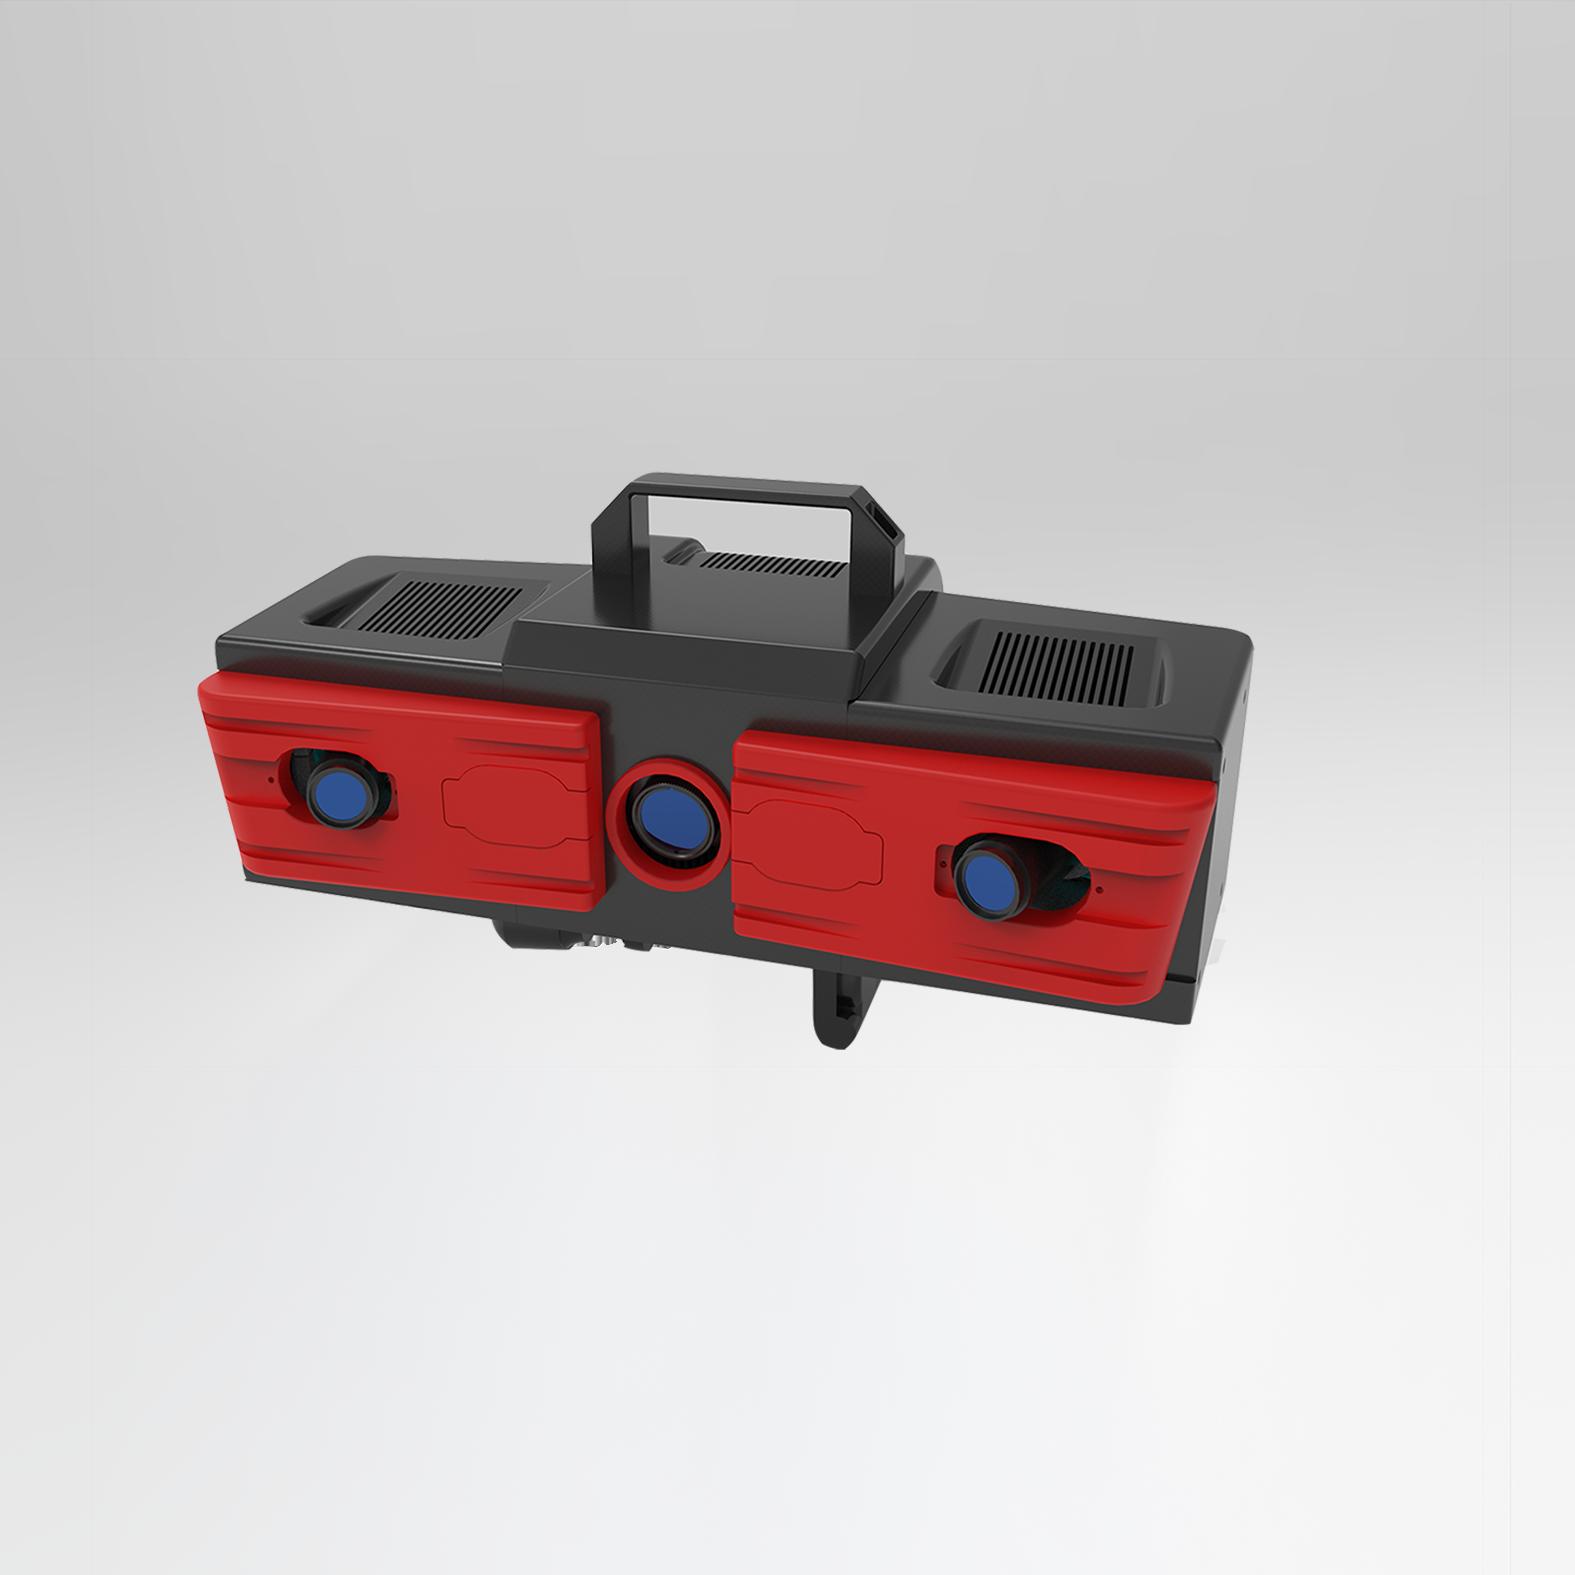 蓝光拍照式三维扫描仪TriScan 500